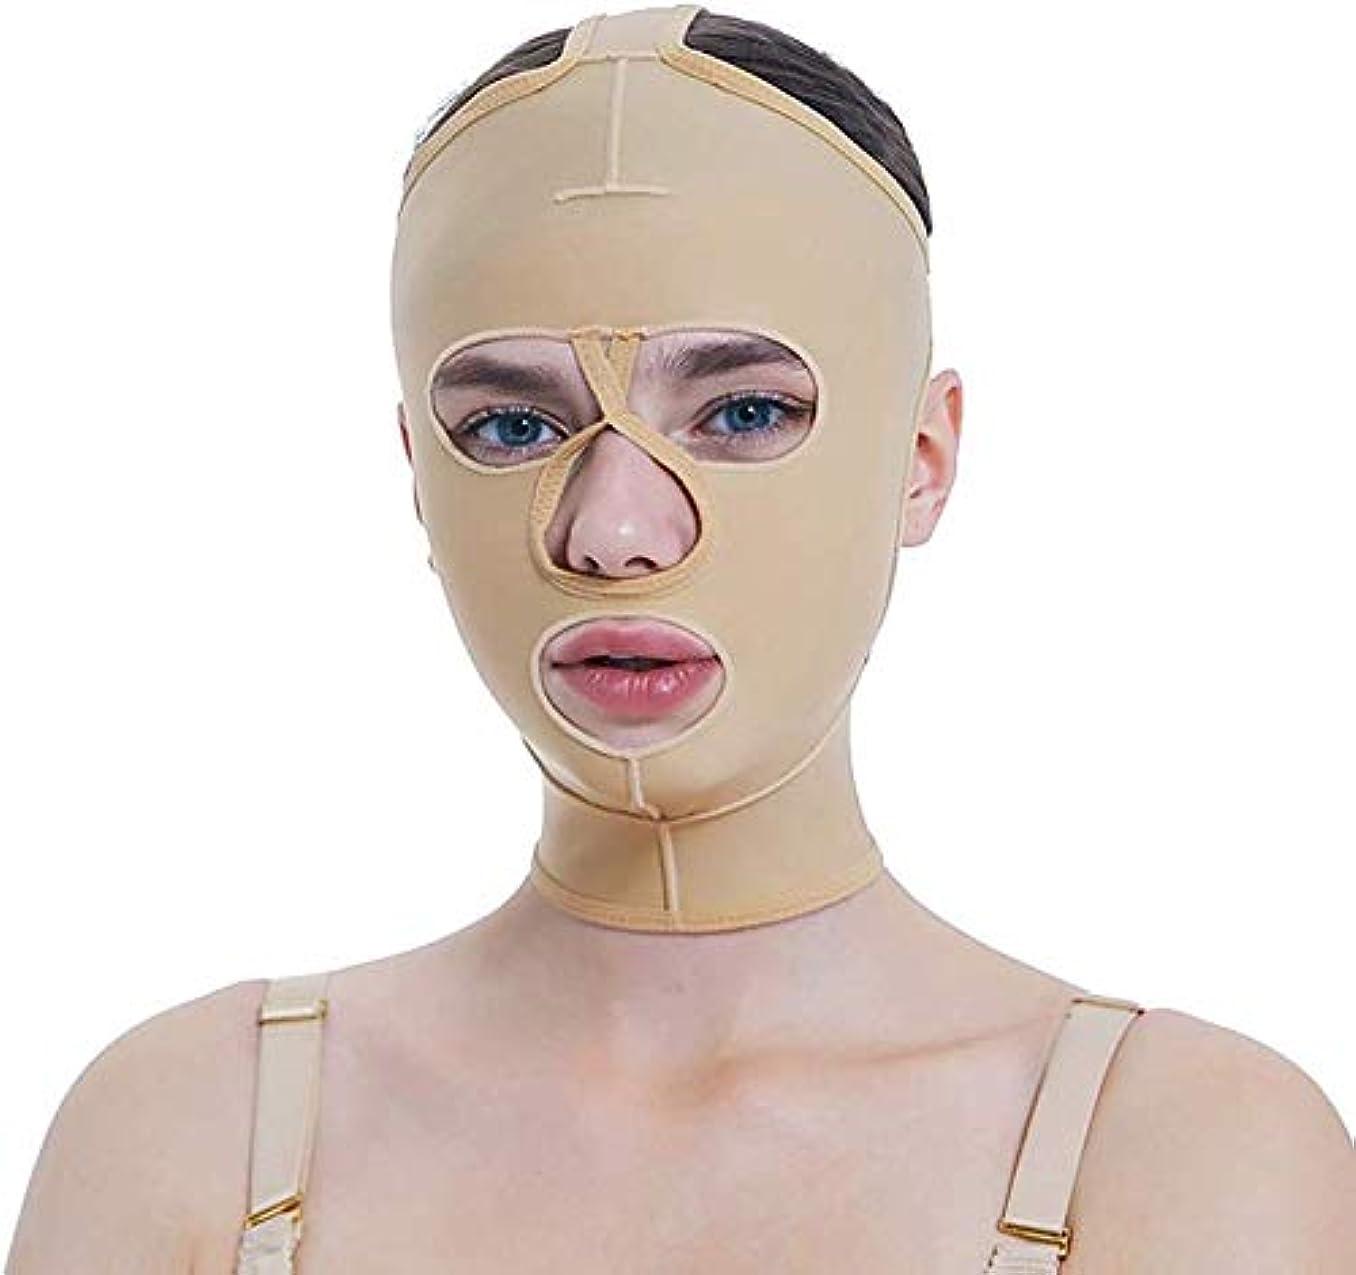 ボード思慮のない暗い美容と実用的な脂肪吸引成形マスク、薄い顔のかつらV顔のビーム顔の弾性スリーブマルチサイズオプション(サイズ:M)